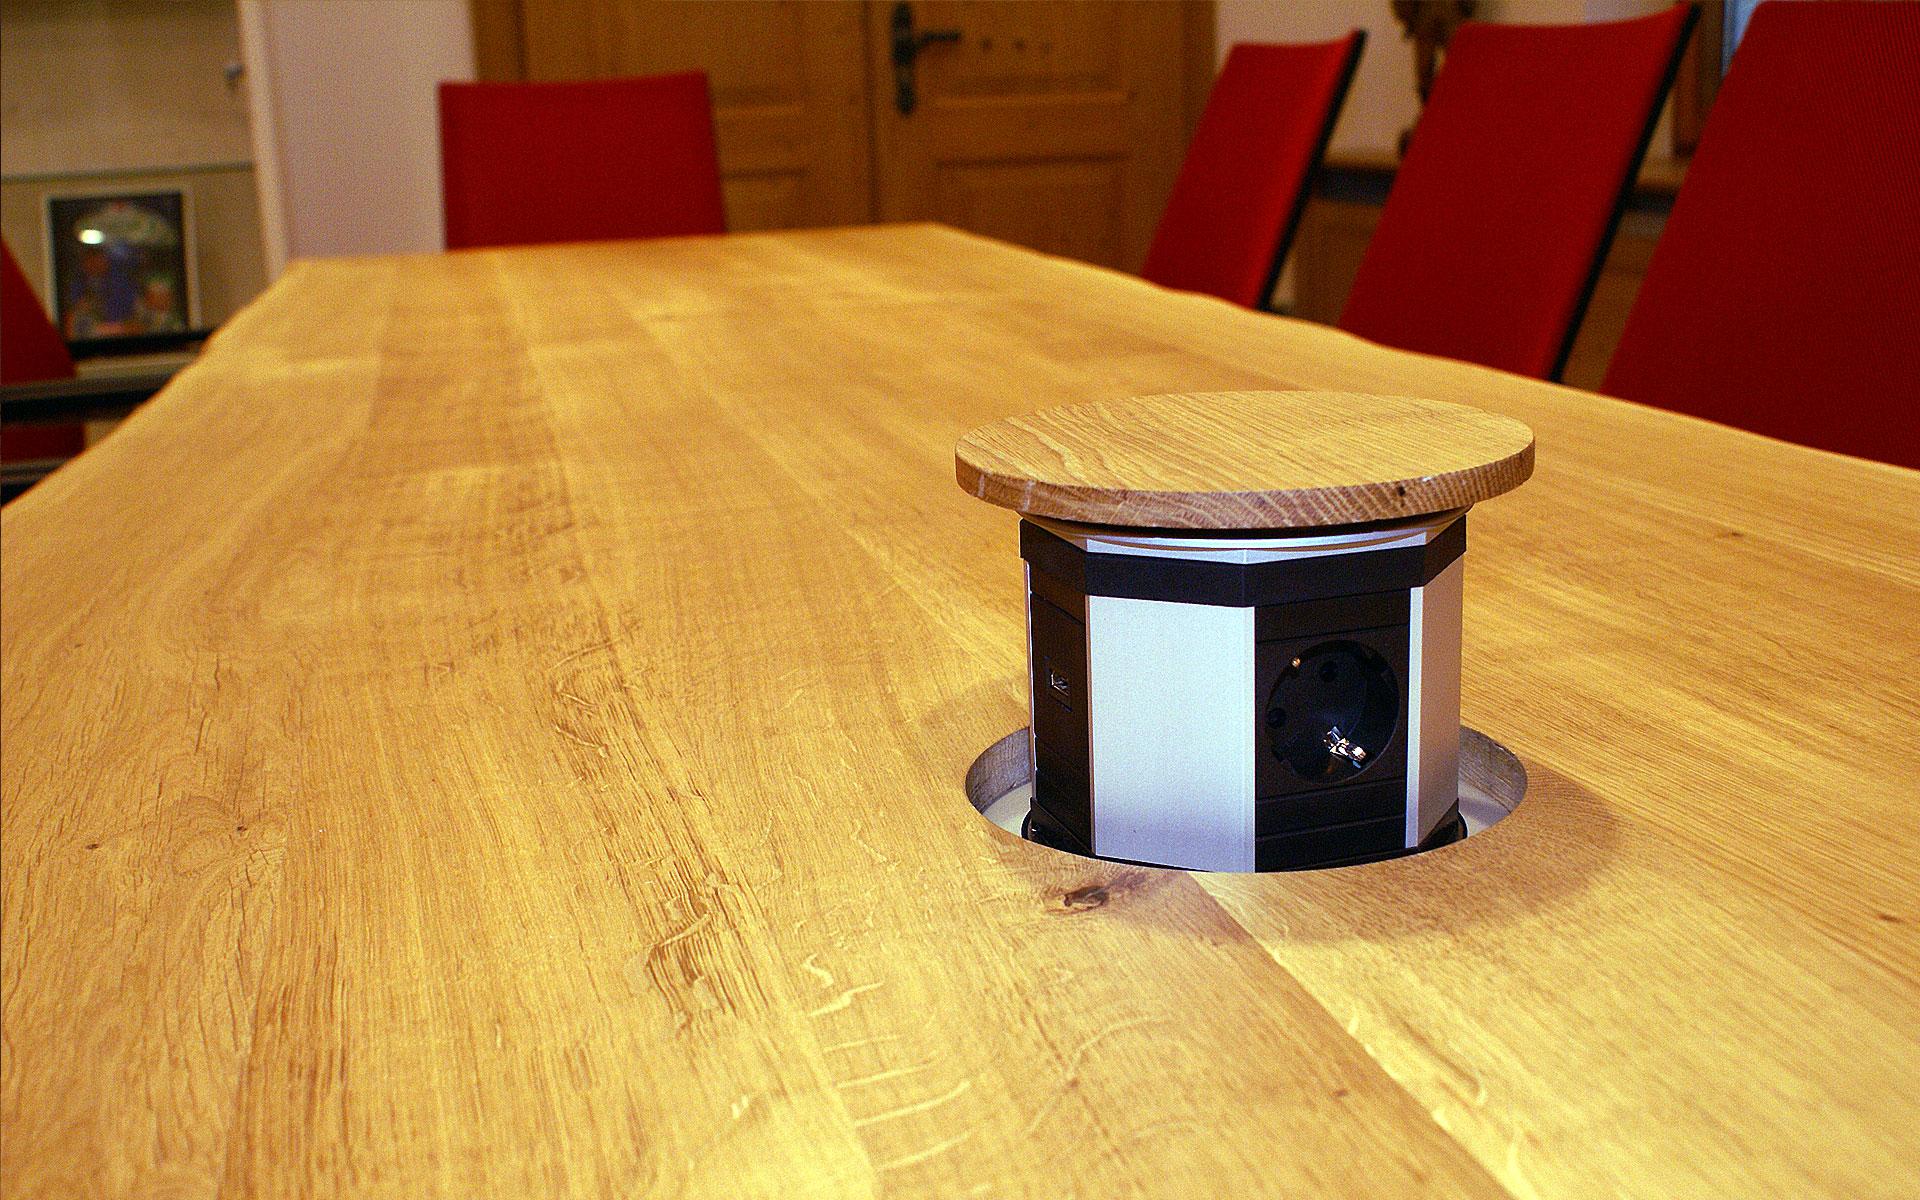 Versenkbare Steckdosen in der Tischplatte